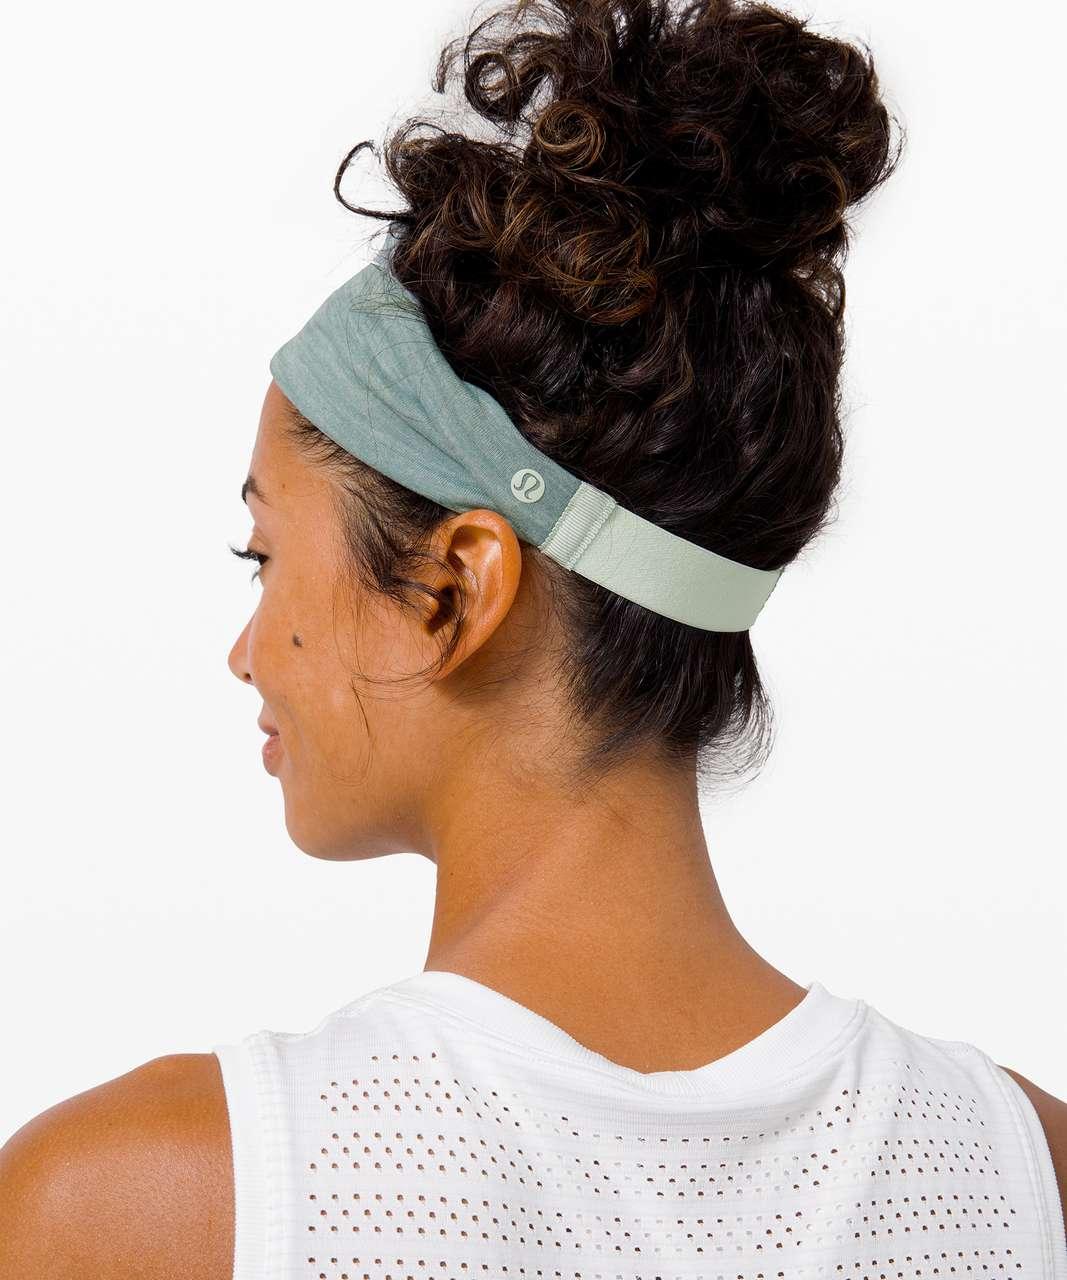 Lululemon Fringe Fighter Headband - Springtime / Heathered Tidewater Teal